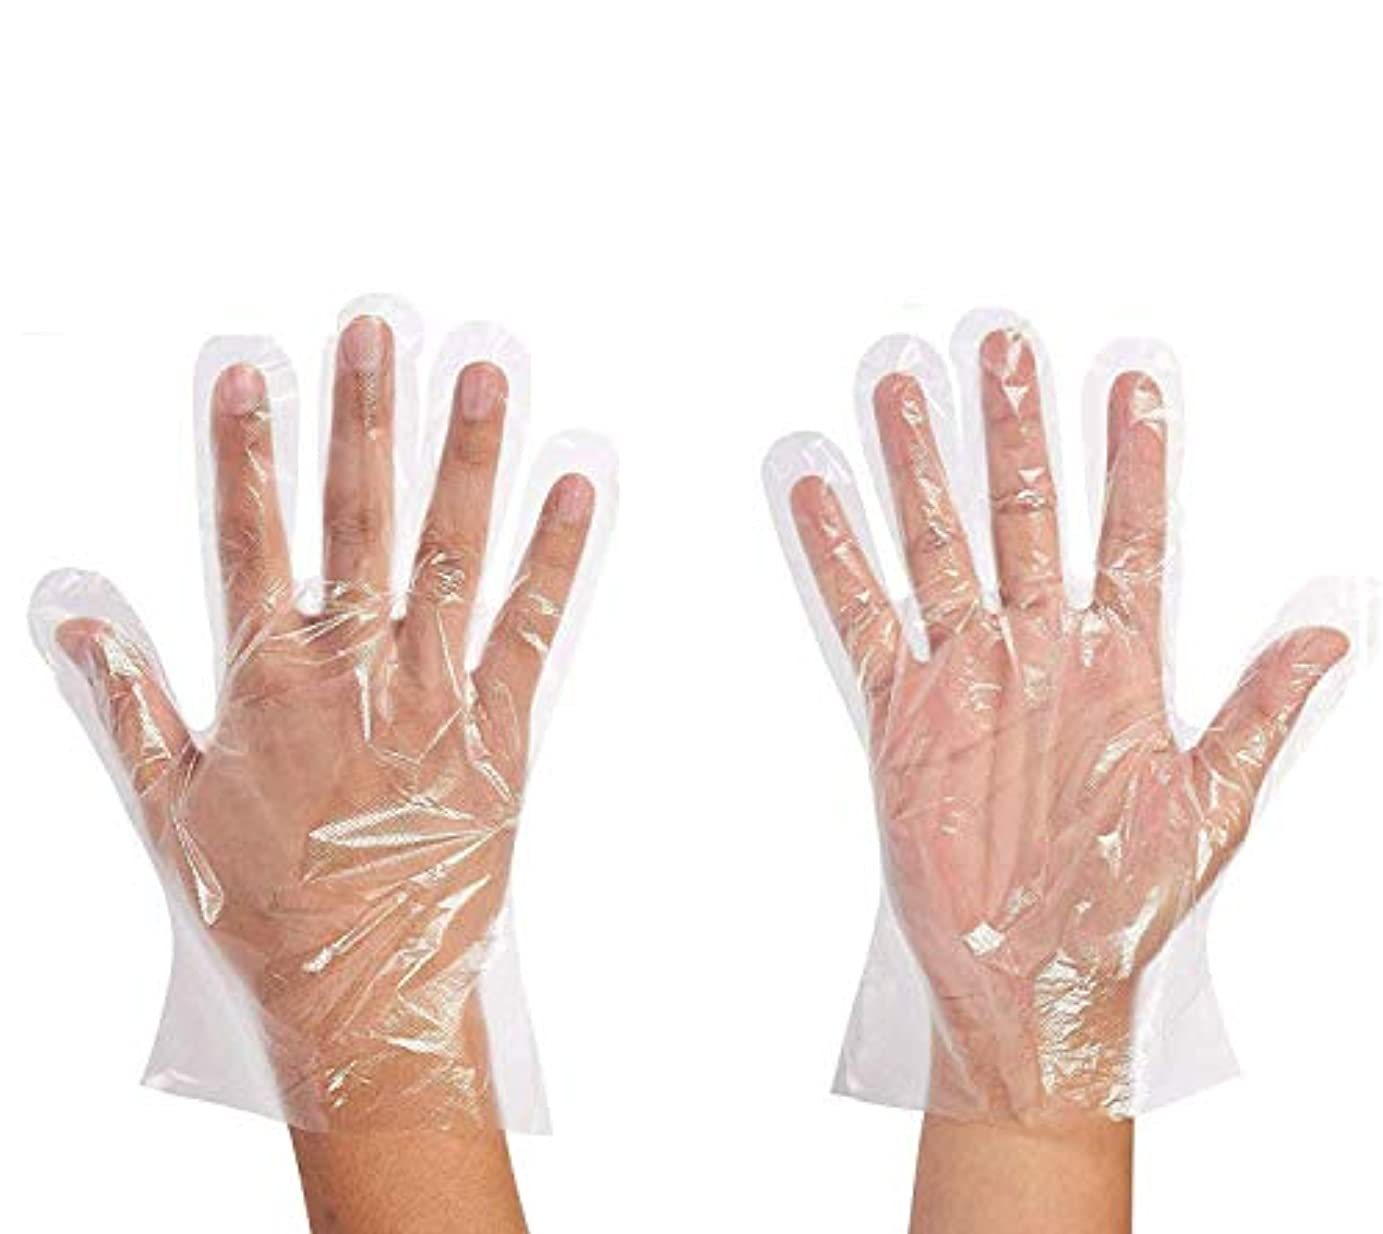 スポーツをする結婚する色合い使い捨て手袋 ポリエチレン 防水耐久性が強い上に軽く高品質 極薄 透明 500枚セット